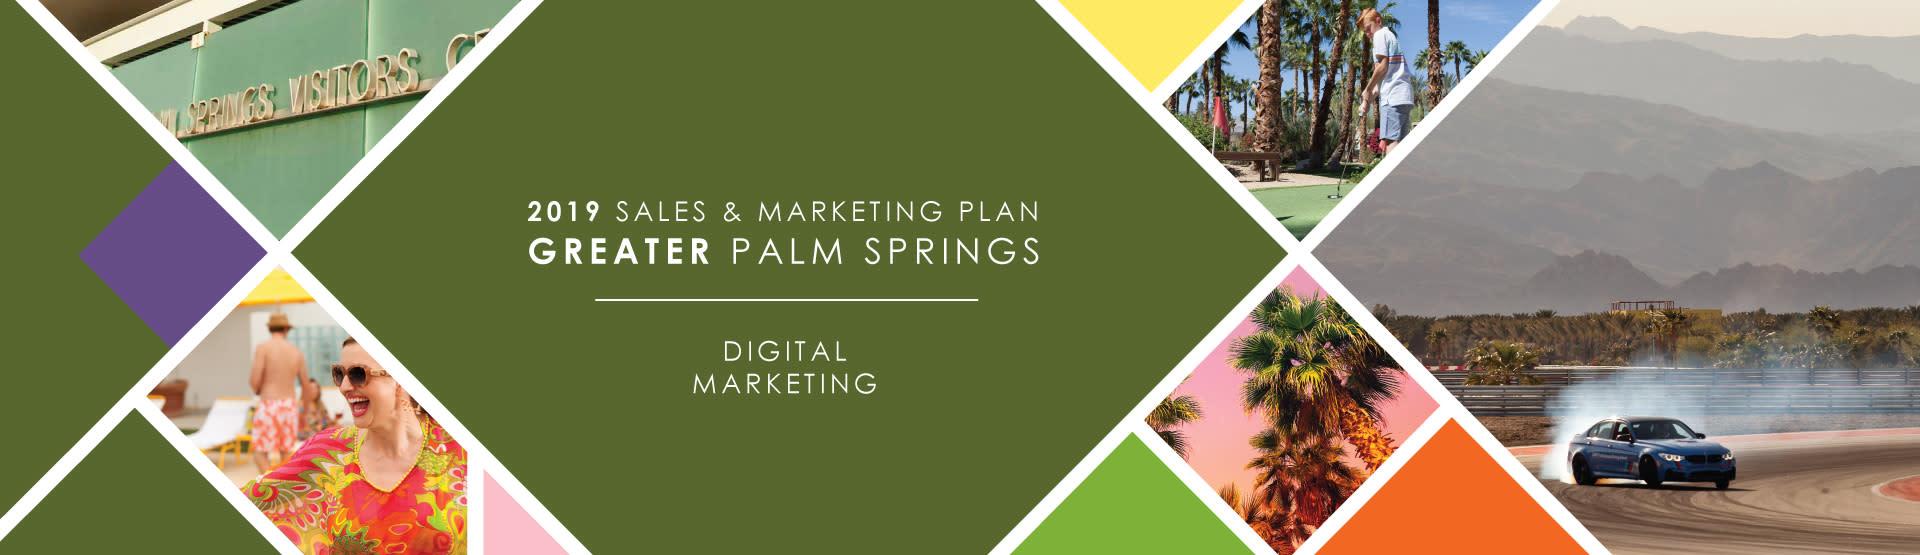 Digital Marketing header